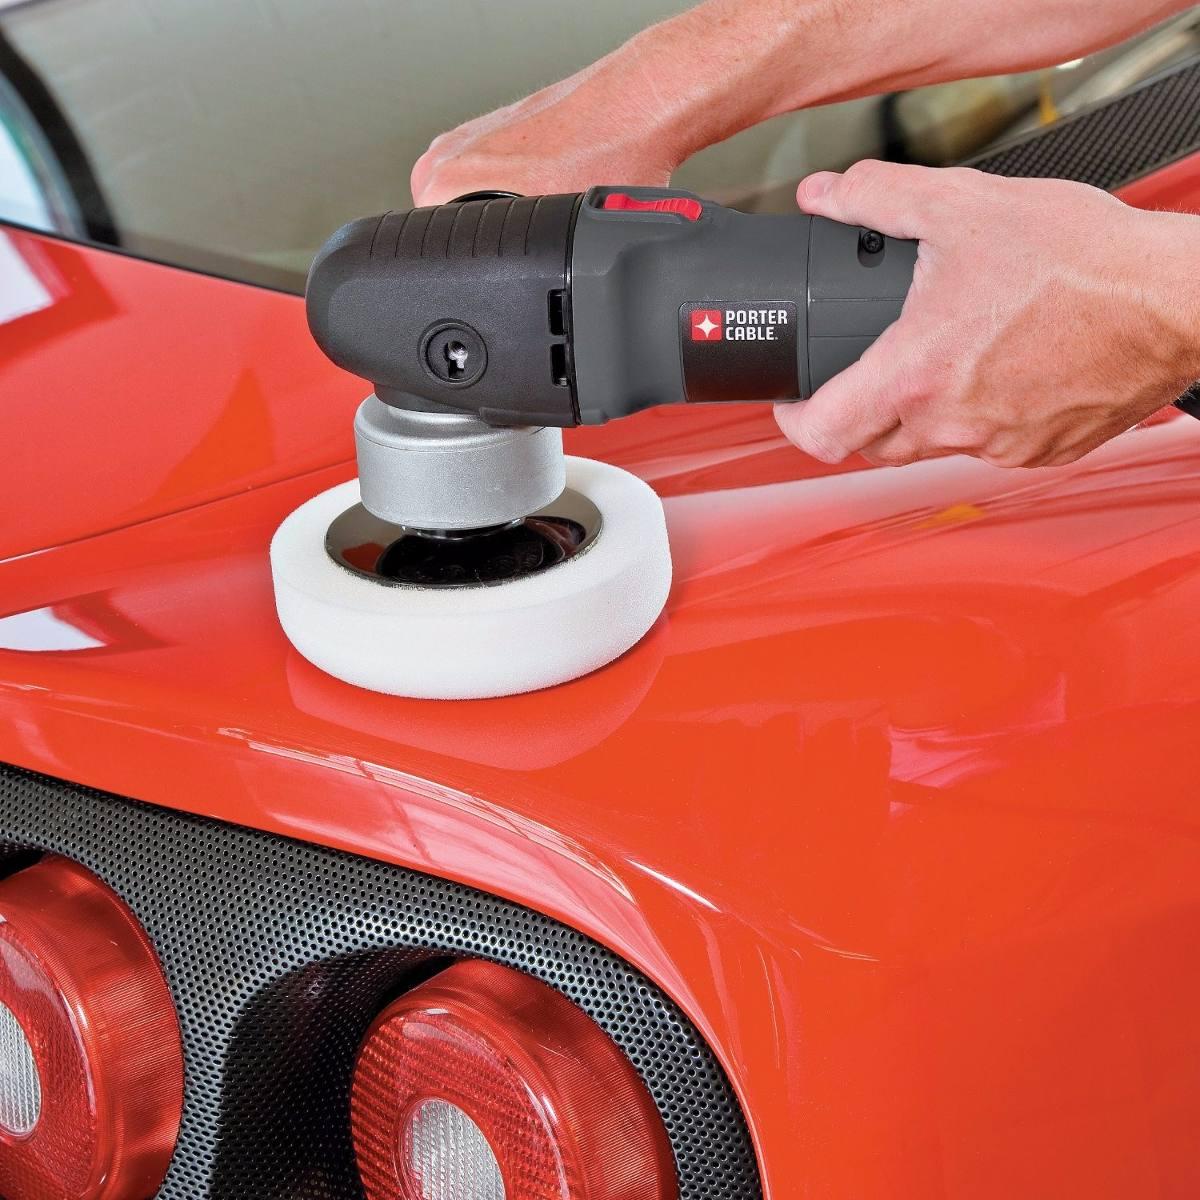 pulidora porter cable 7424xp 6 pulgadas velocidad variable 4 en mercado libre. Black Bedroom Furniture Sets. Home Design Ideas